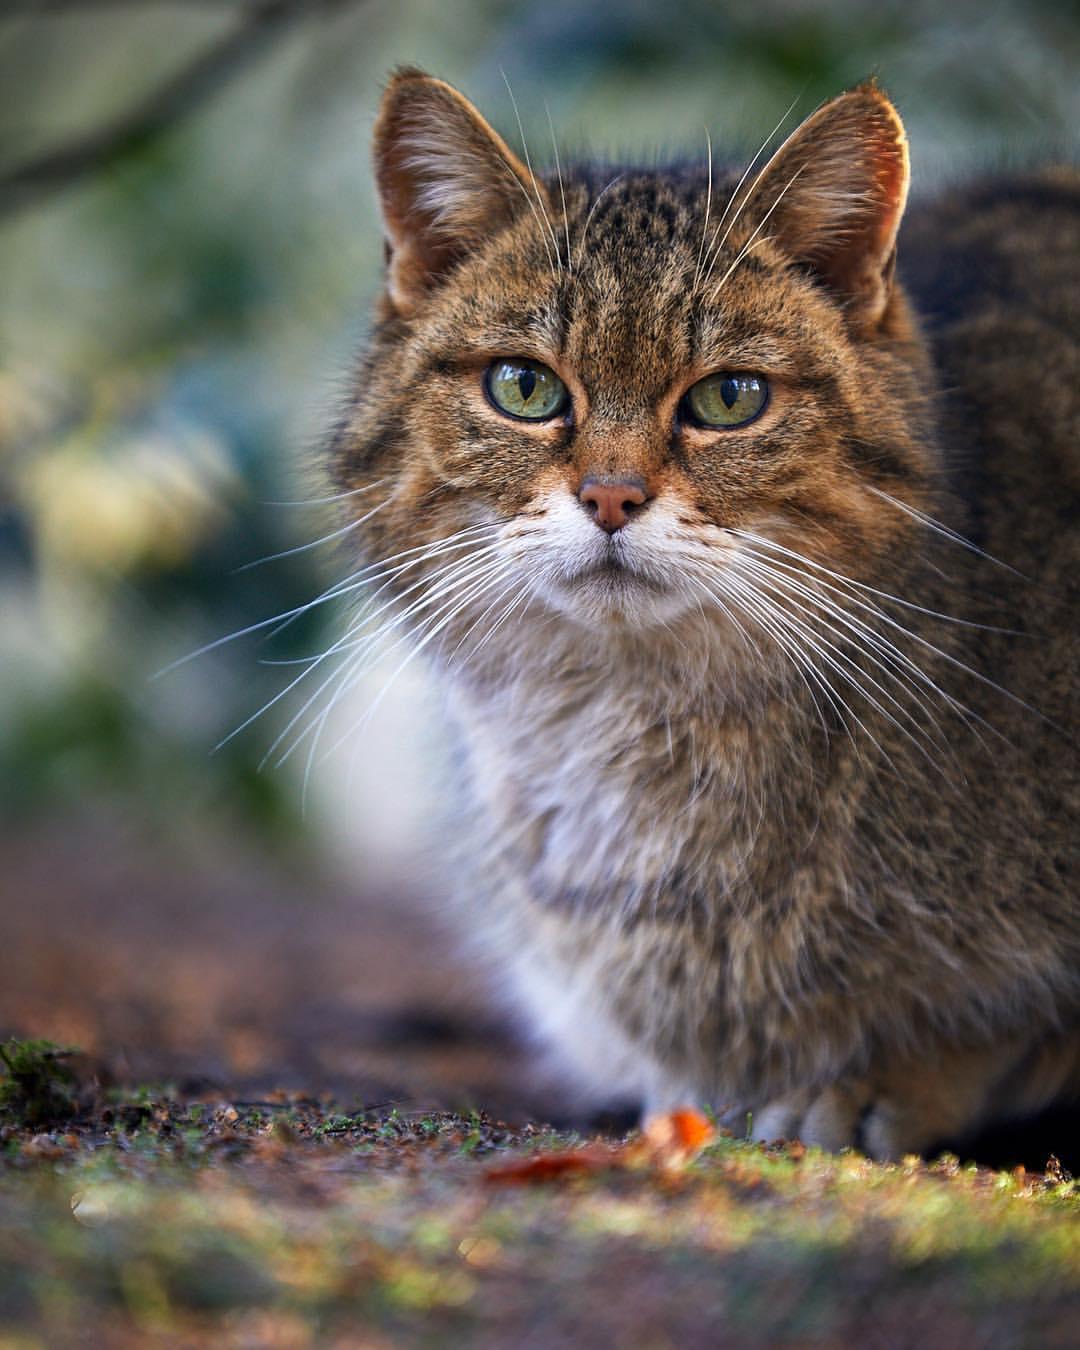 Фото Кошка с зелеными глазами, by generalstussner